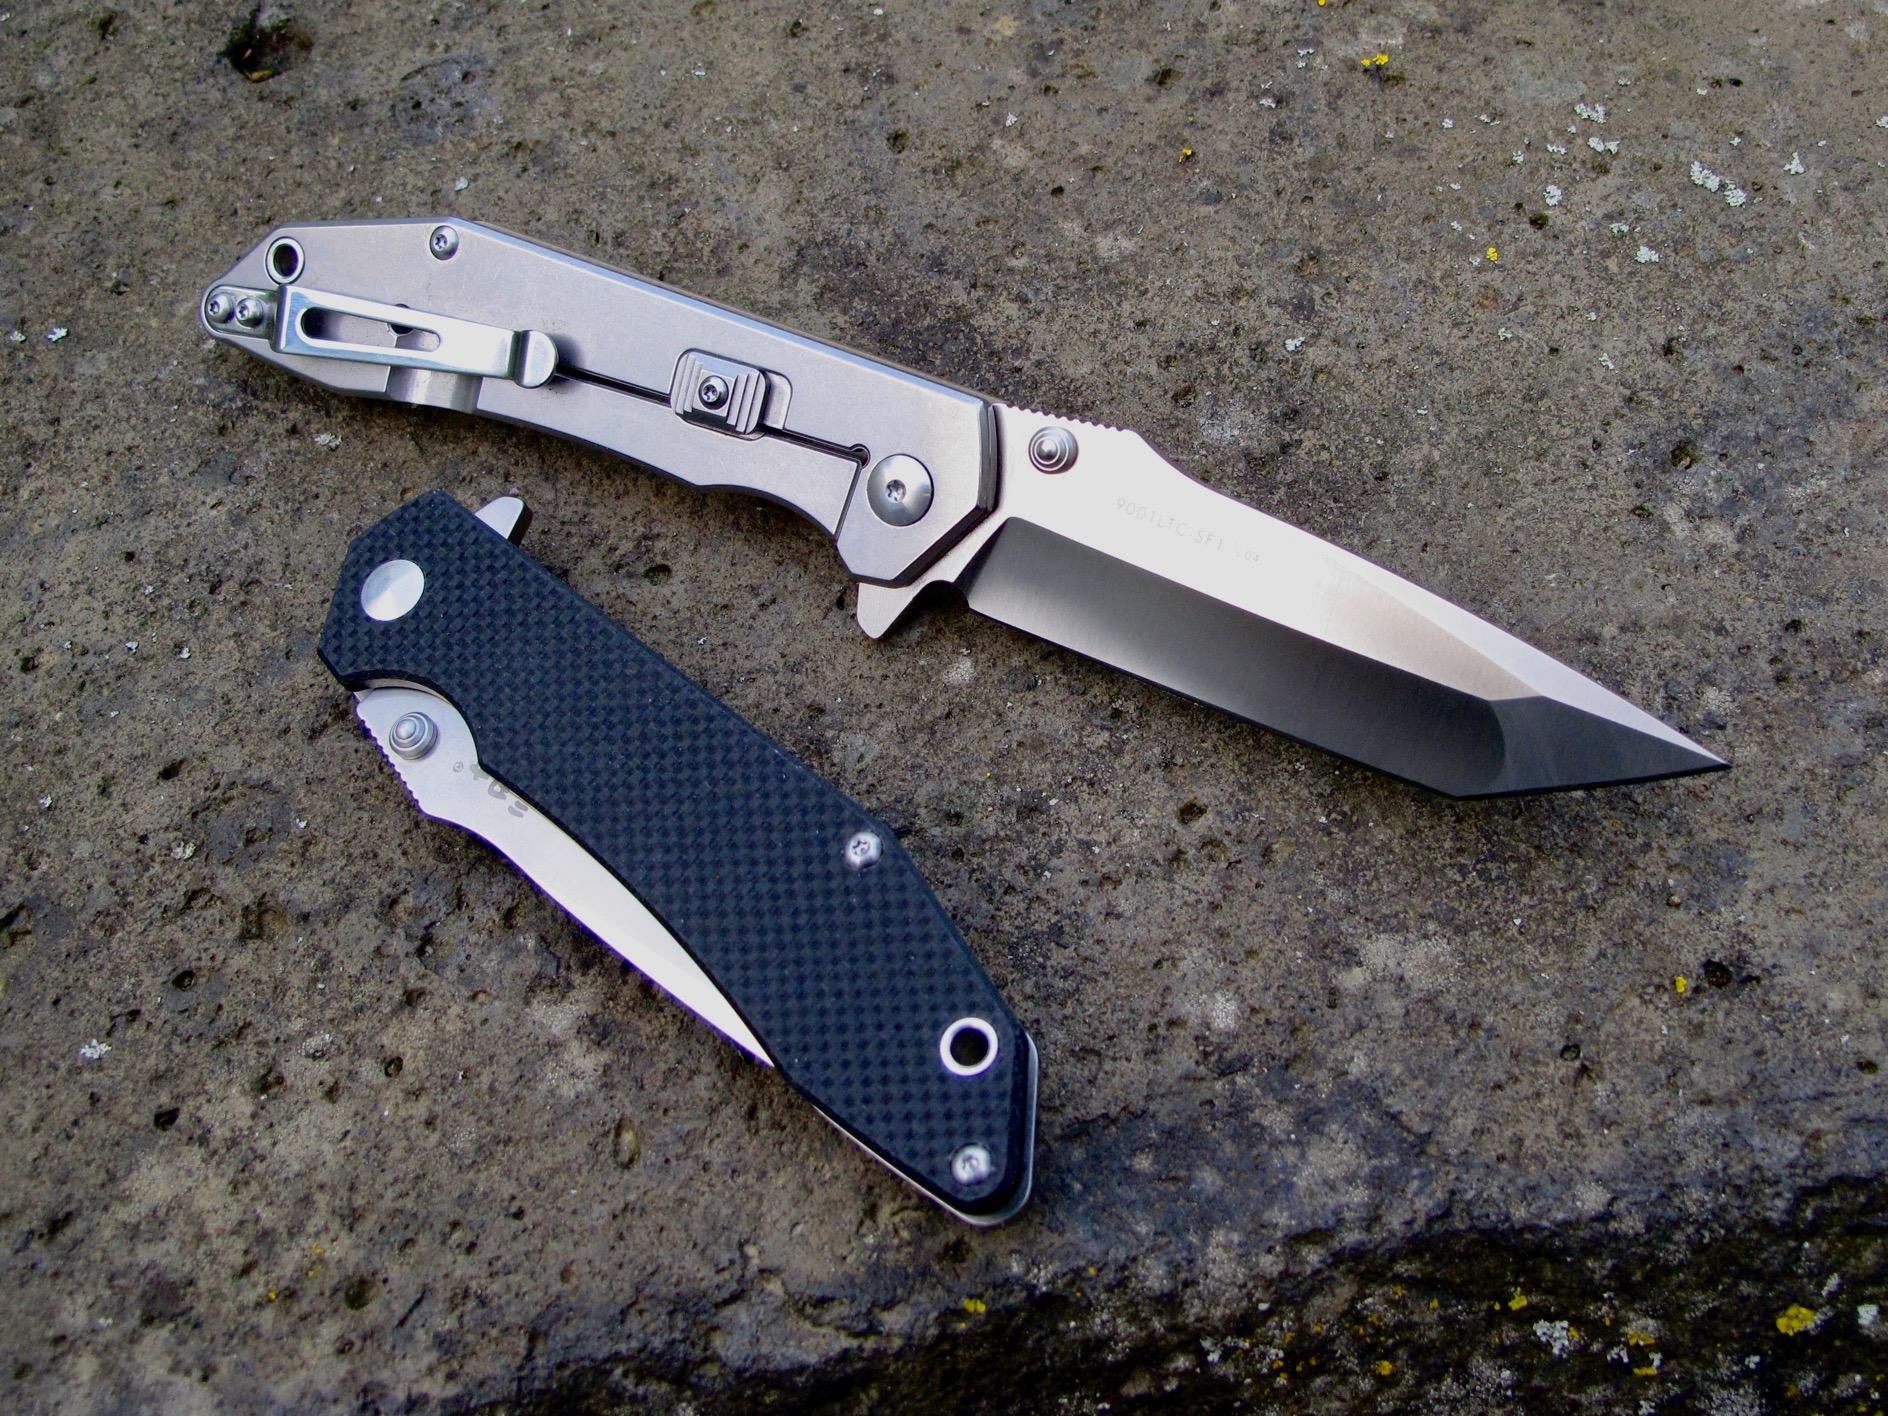 Das erste größere Messer von Sanrenmu  20 cm